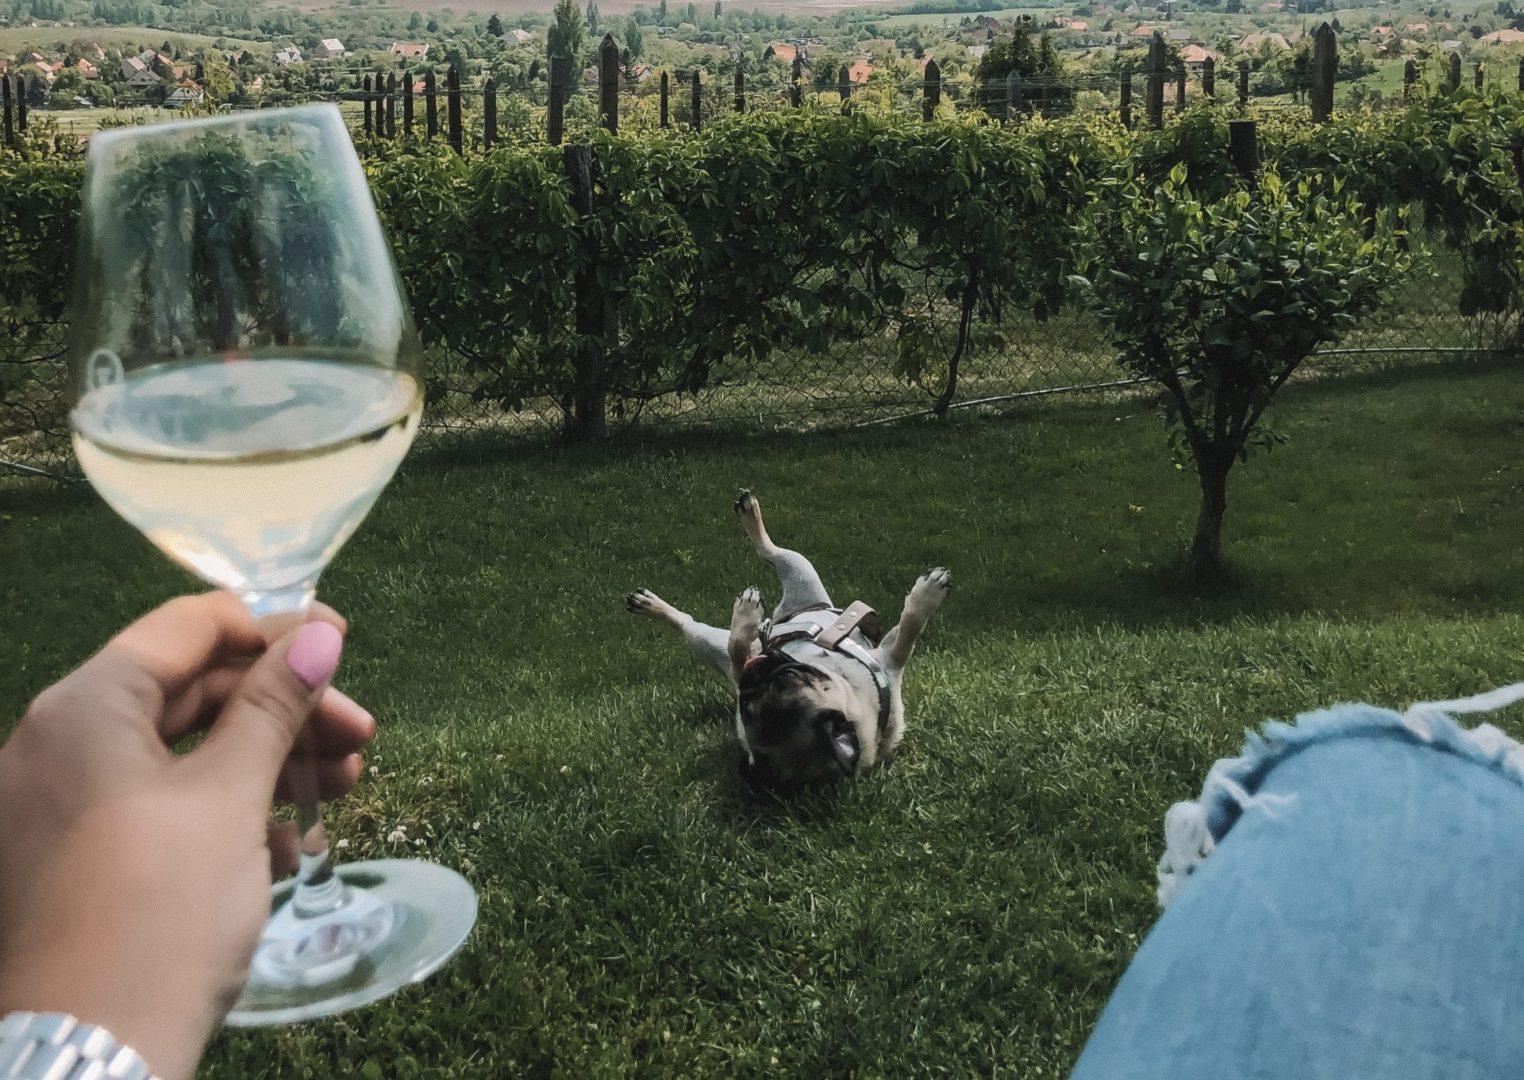 Találkozás a borral – az első boros emlékek